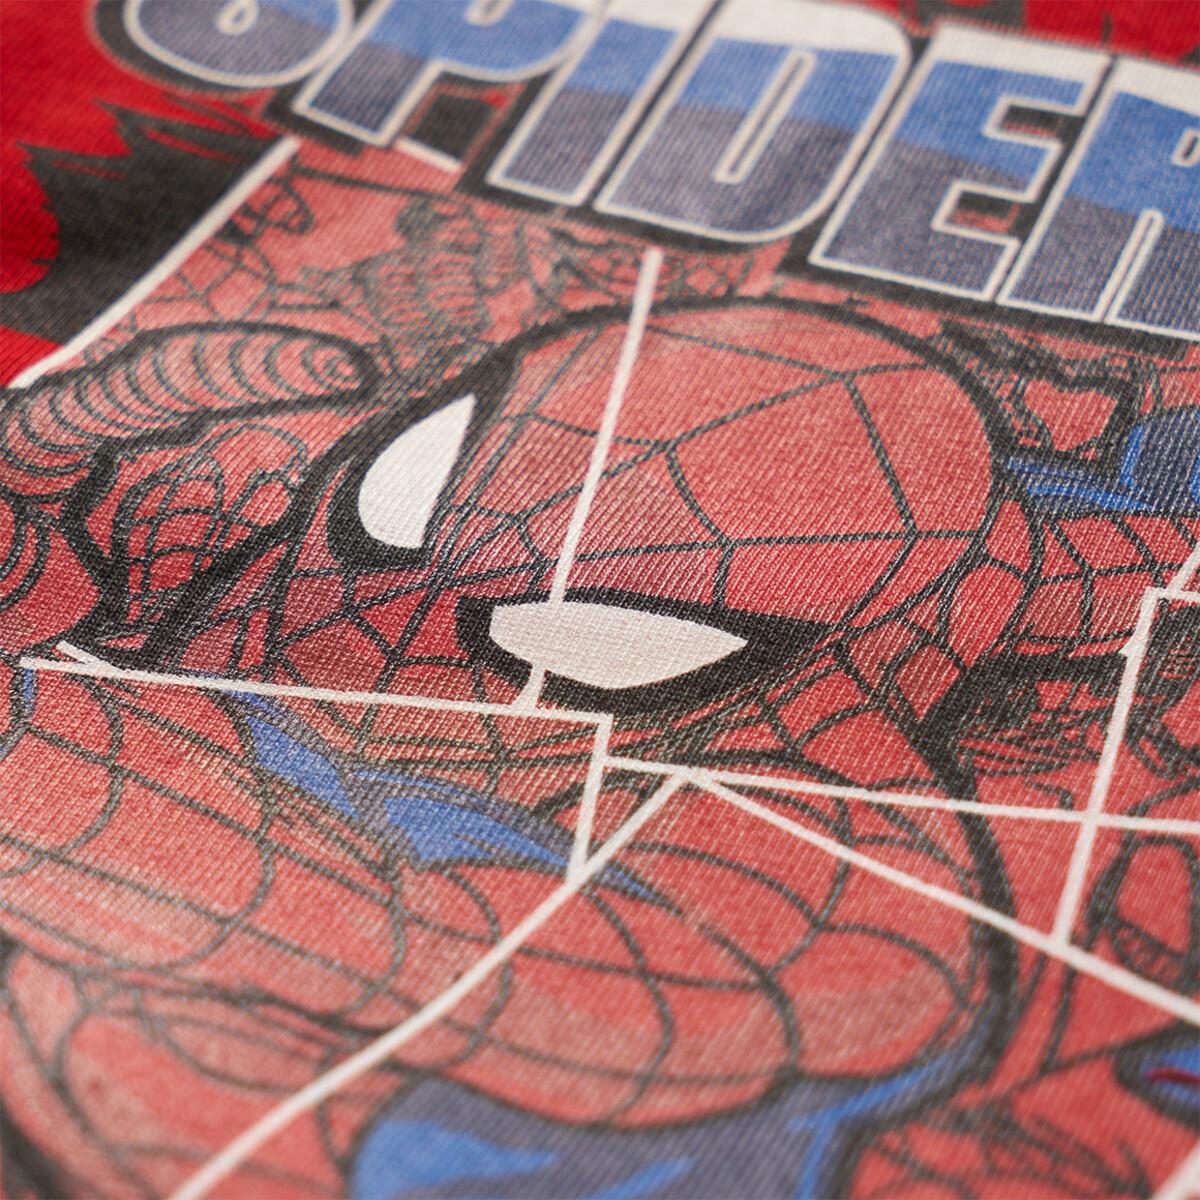 Bild 5 von MARVEL Spiderman Langarmshirt im Lagen-Look